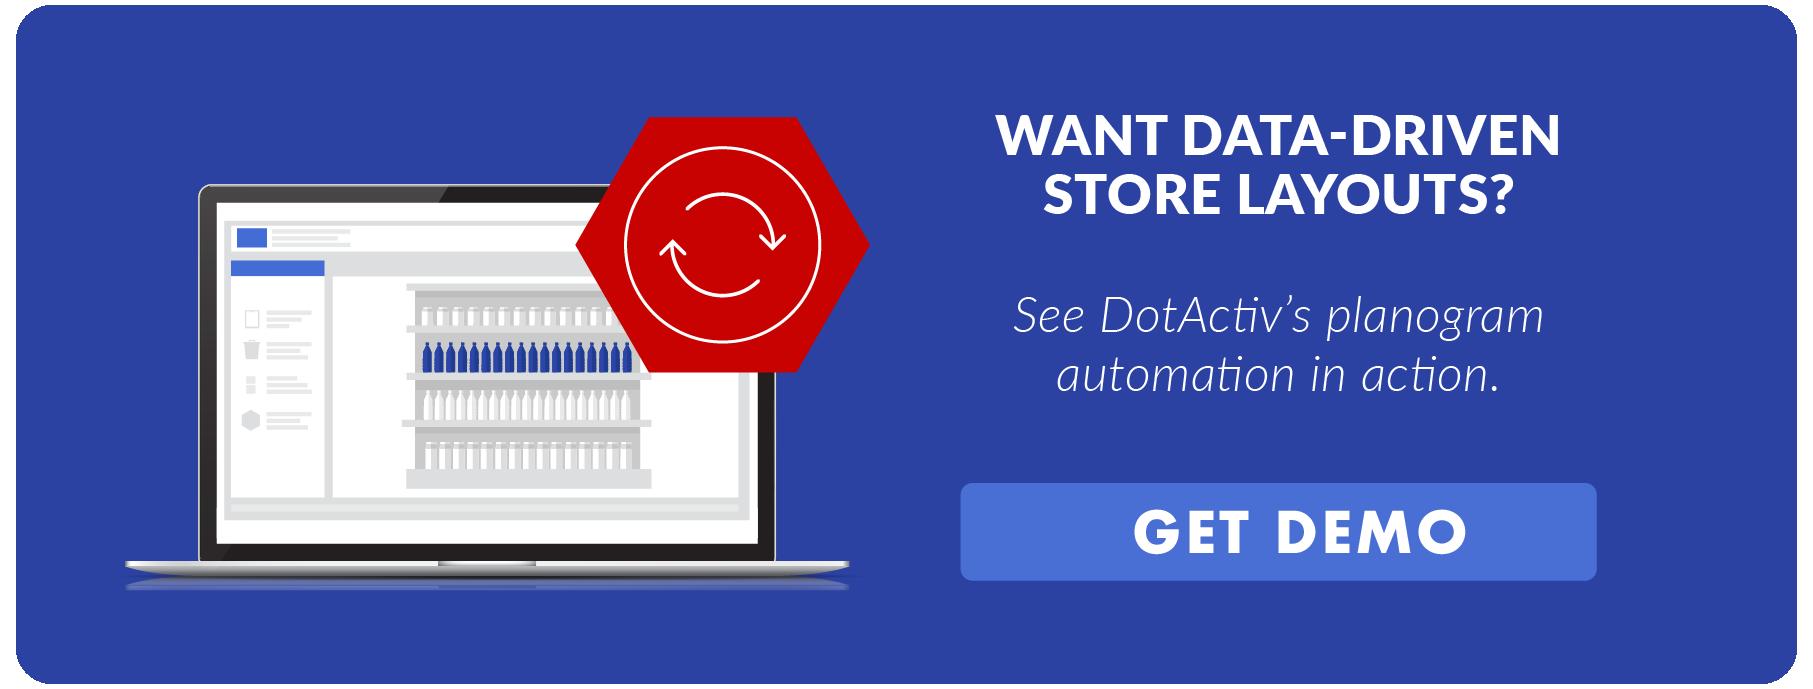 CTA-Data Driven Store Layouts